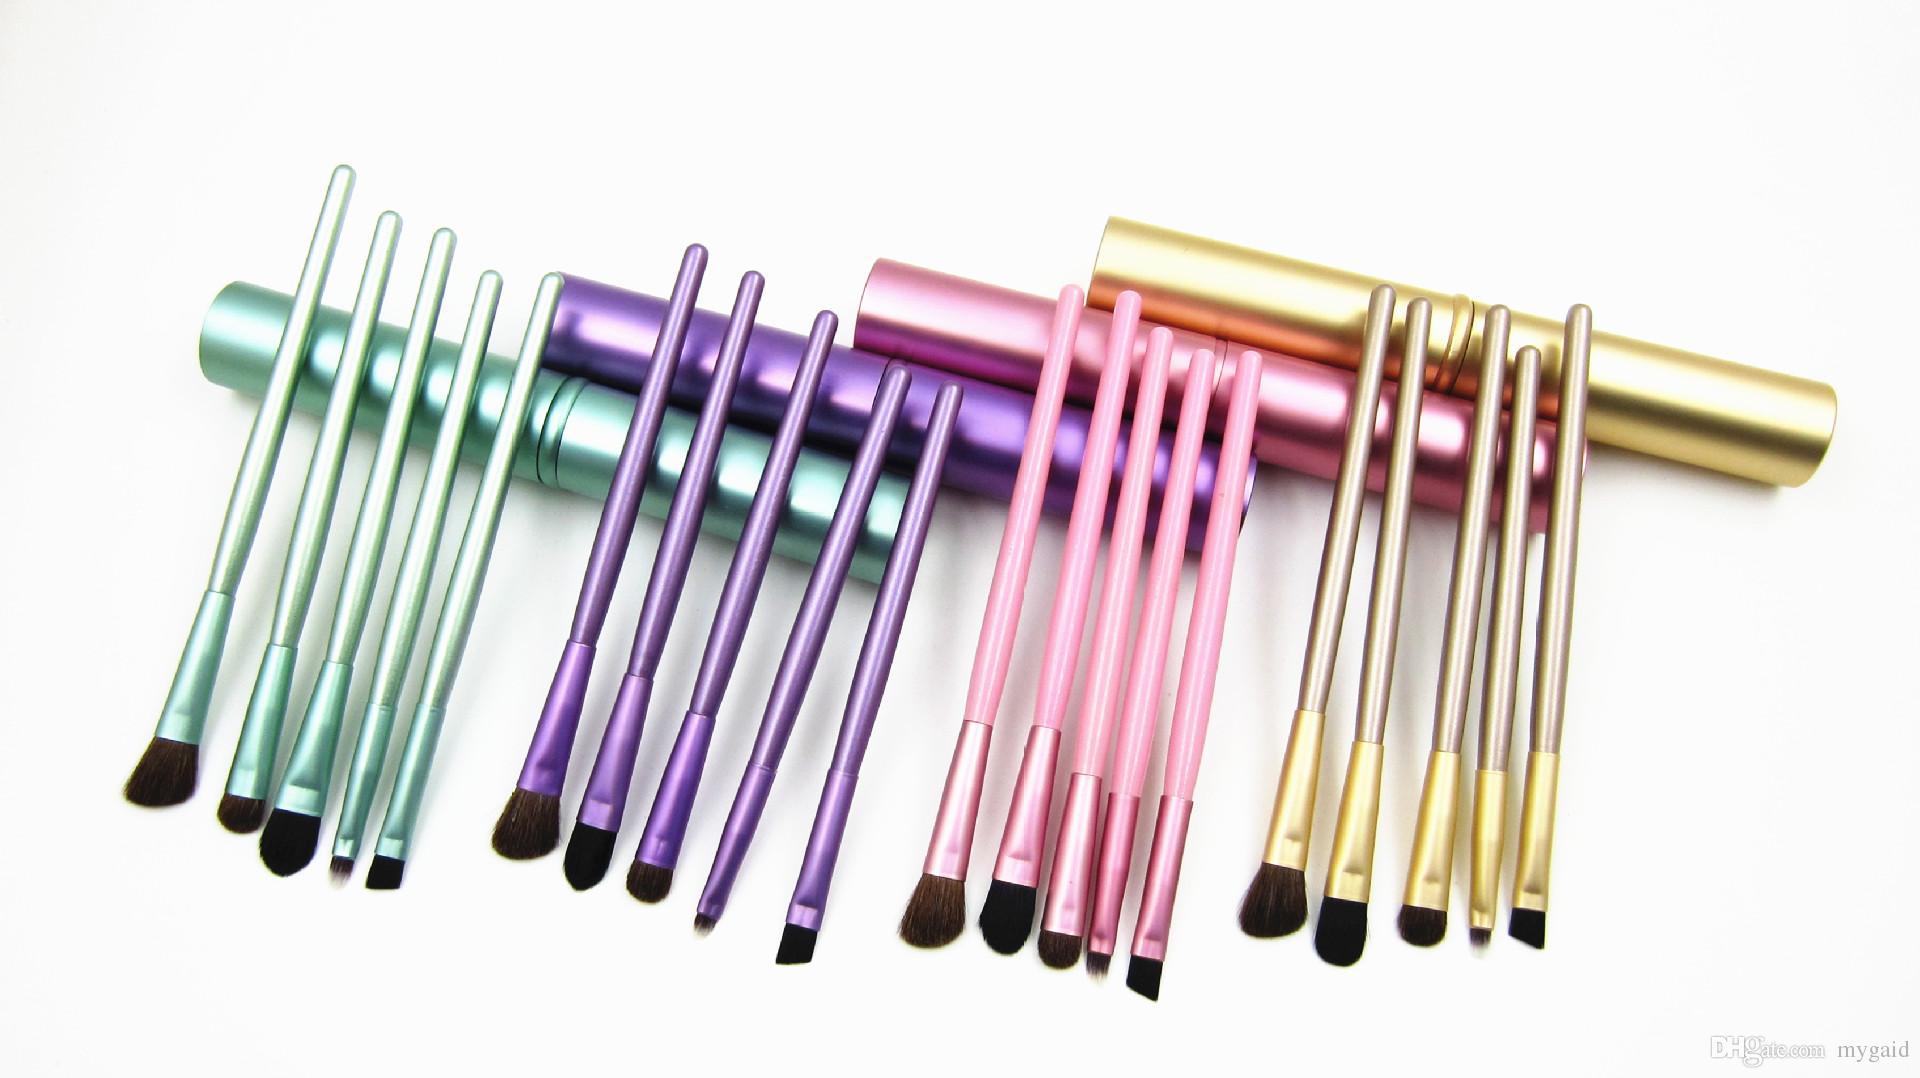 5 teile / satz Professionelle Pony Haar Lidschatten Pinsel Set Make-Up Pinsel Für Augen Make-Up Tool Kit Mit Rundrohr CCA7441 50 satz